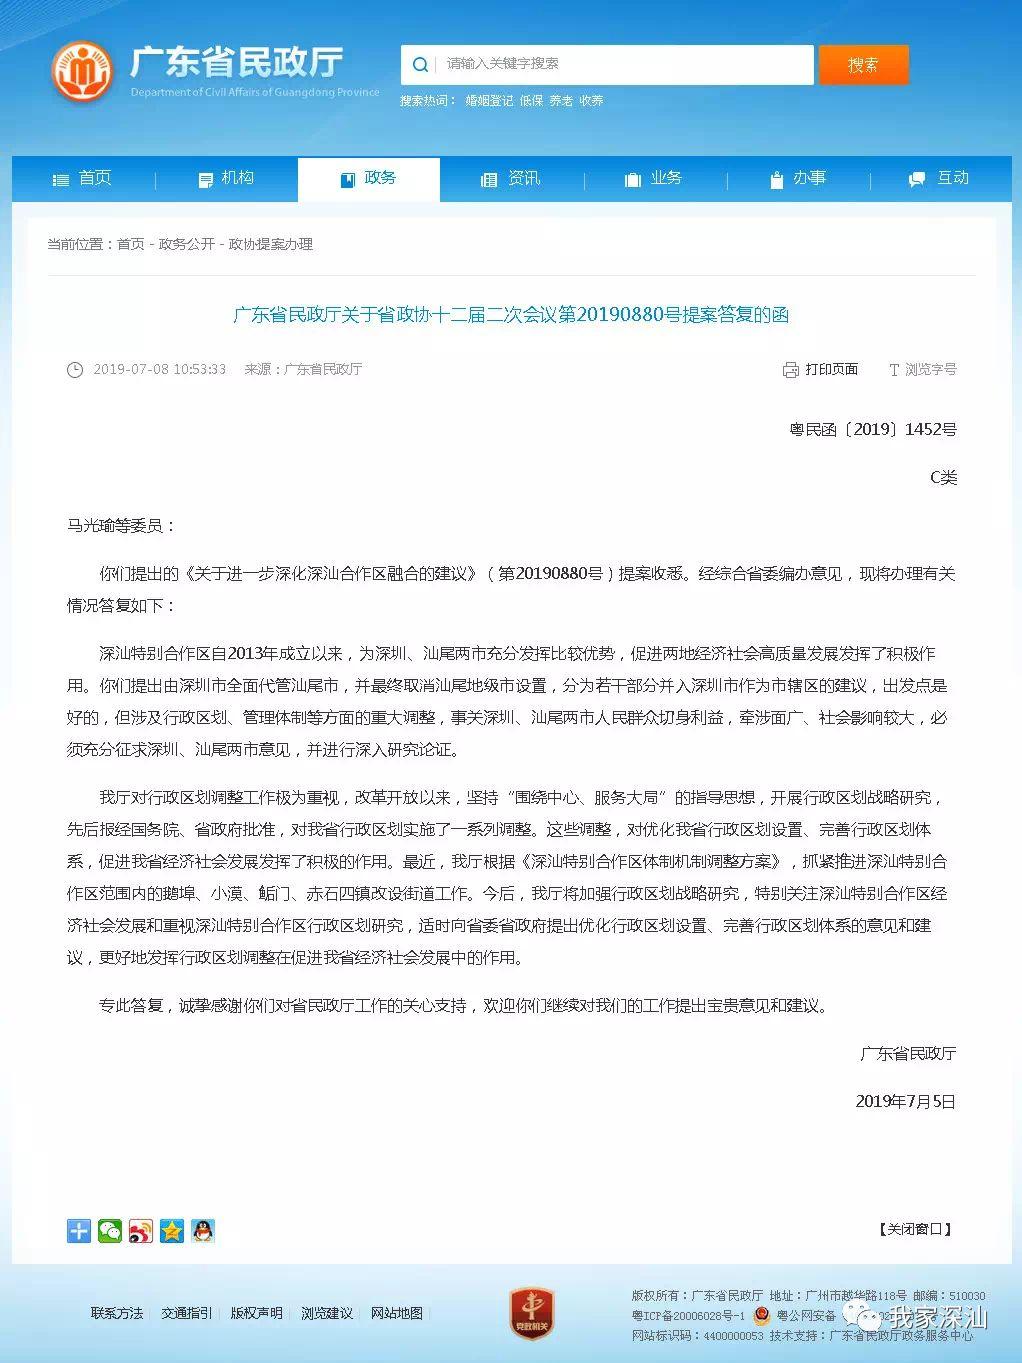 """省民政厅回应""""深圳全面代管汕尾""""提议:还需深入研究论证 特别关注"""